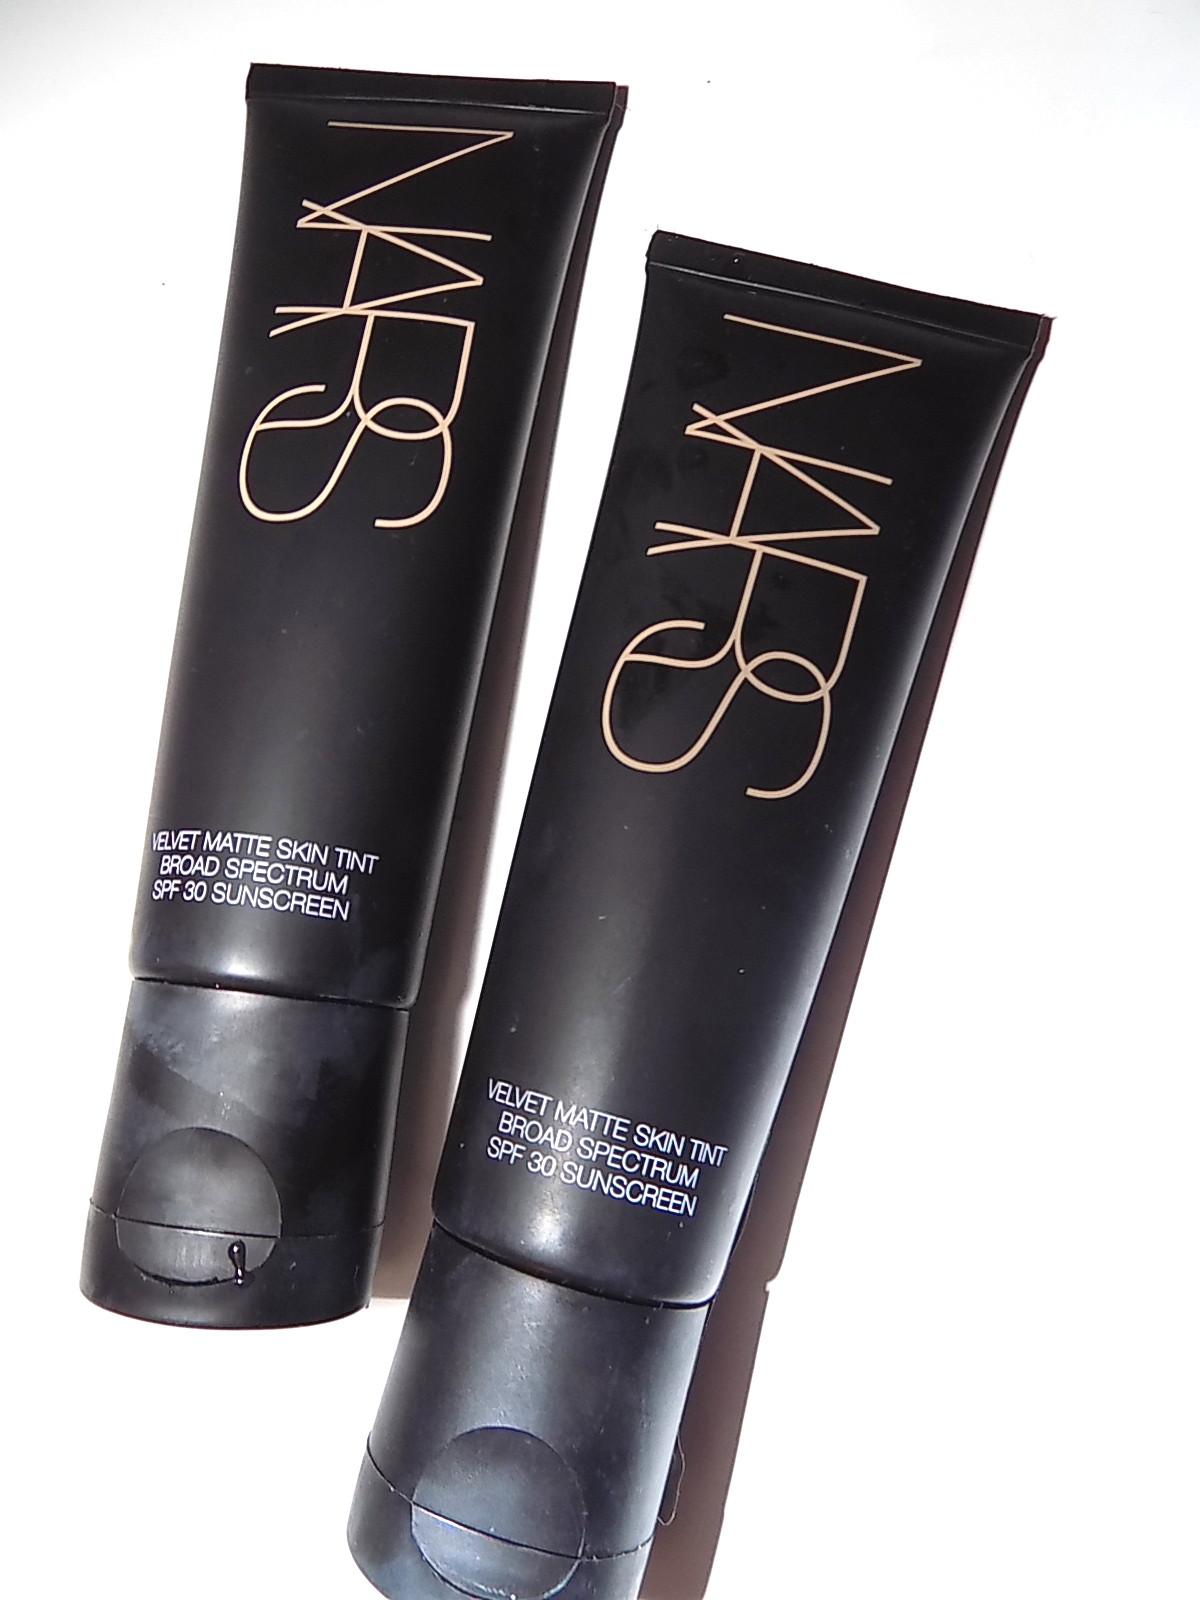 Velvet Matte Swatches: The Beauty Alchemist: NARS Velvet Matte Skin Tint SPF 30